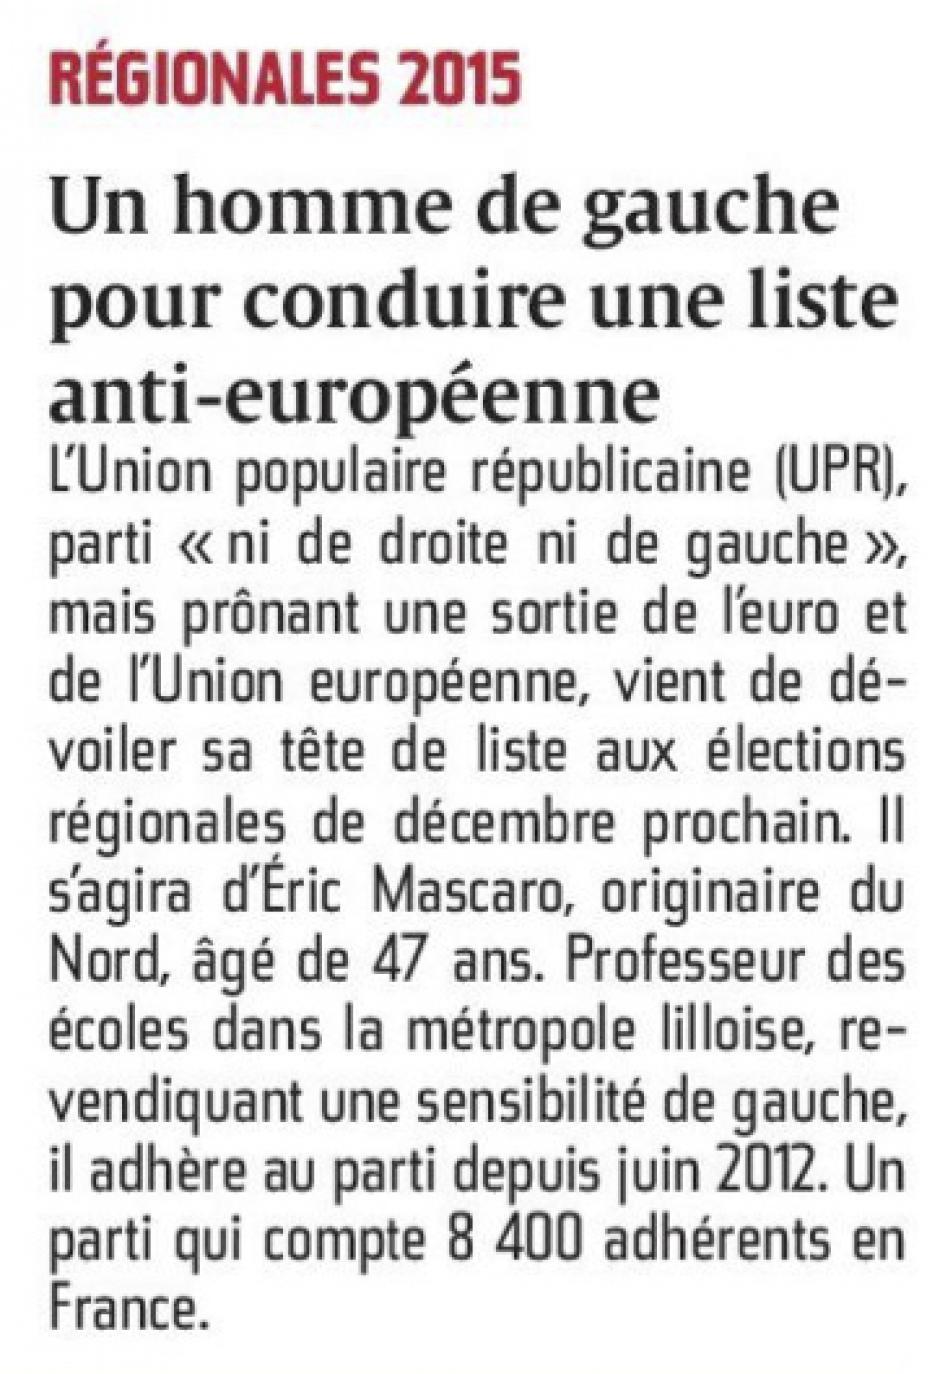 20150831-CP-NPdCP-R2015-Union populaire républicaine ; un homme de gauche pour conduire une liste anti-européenne